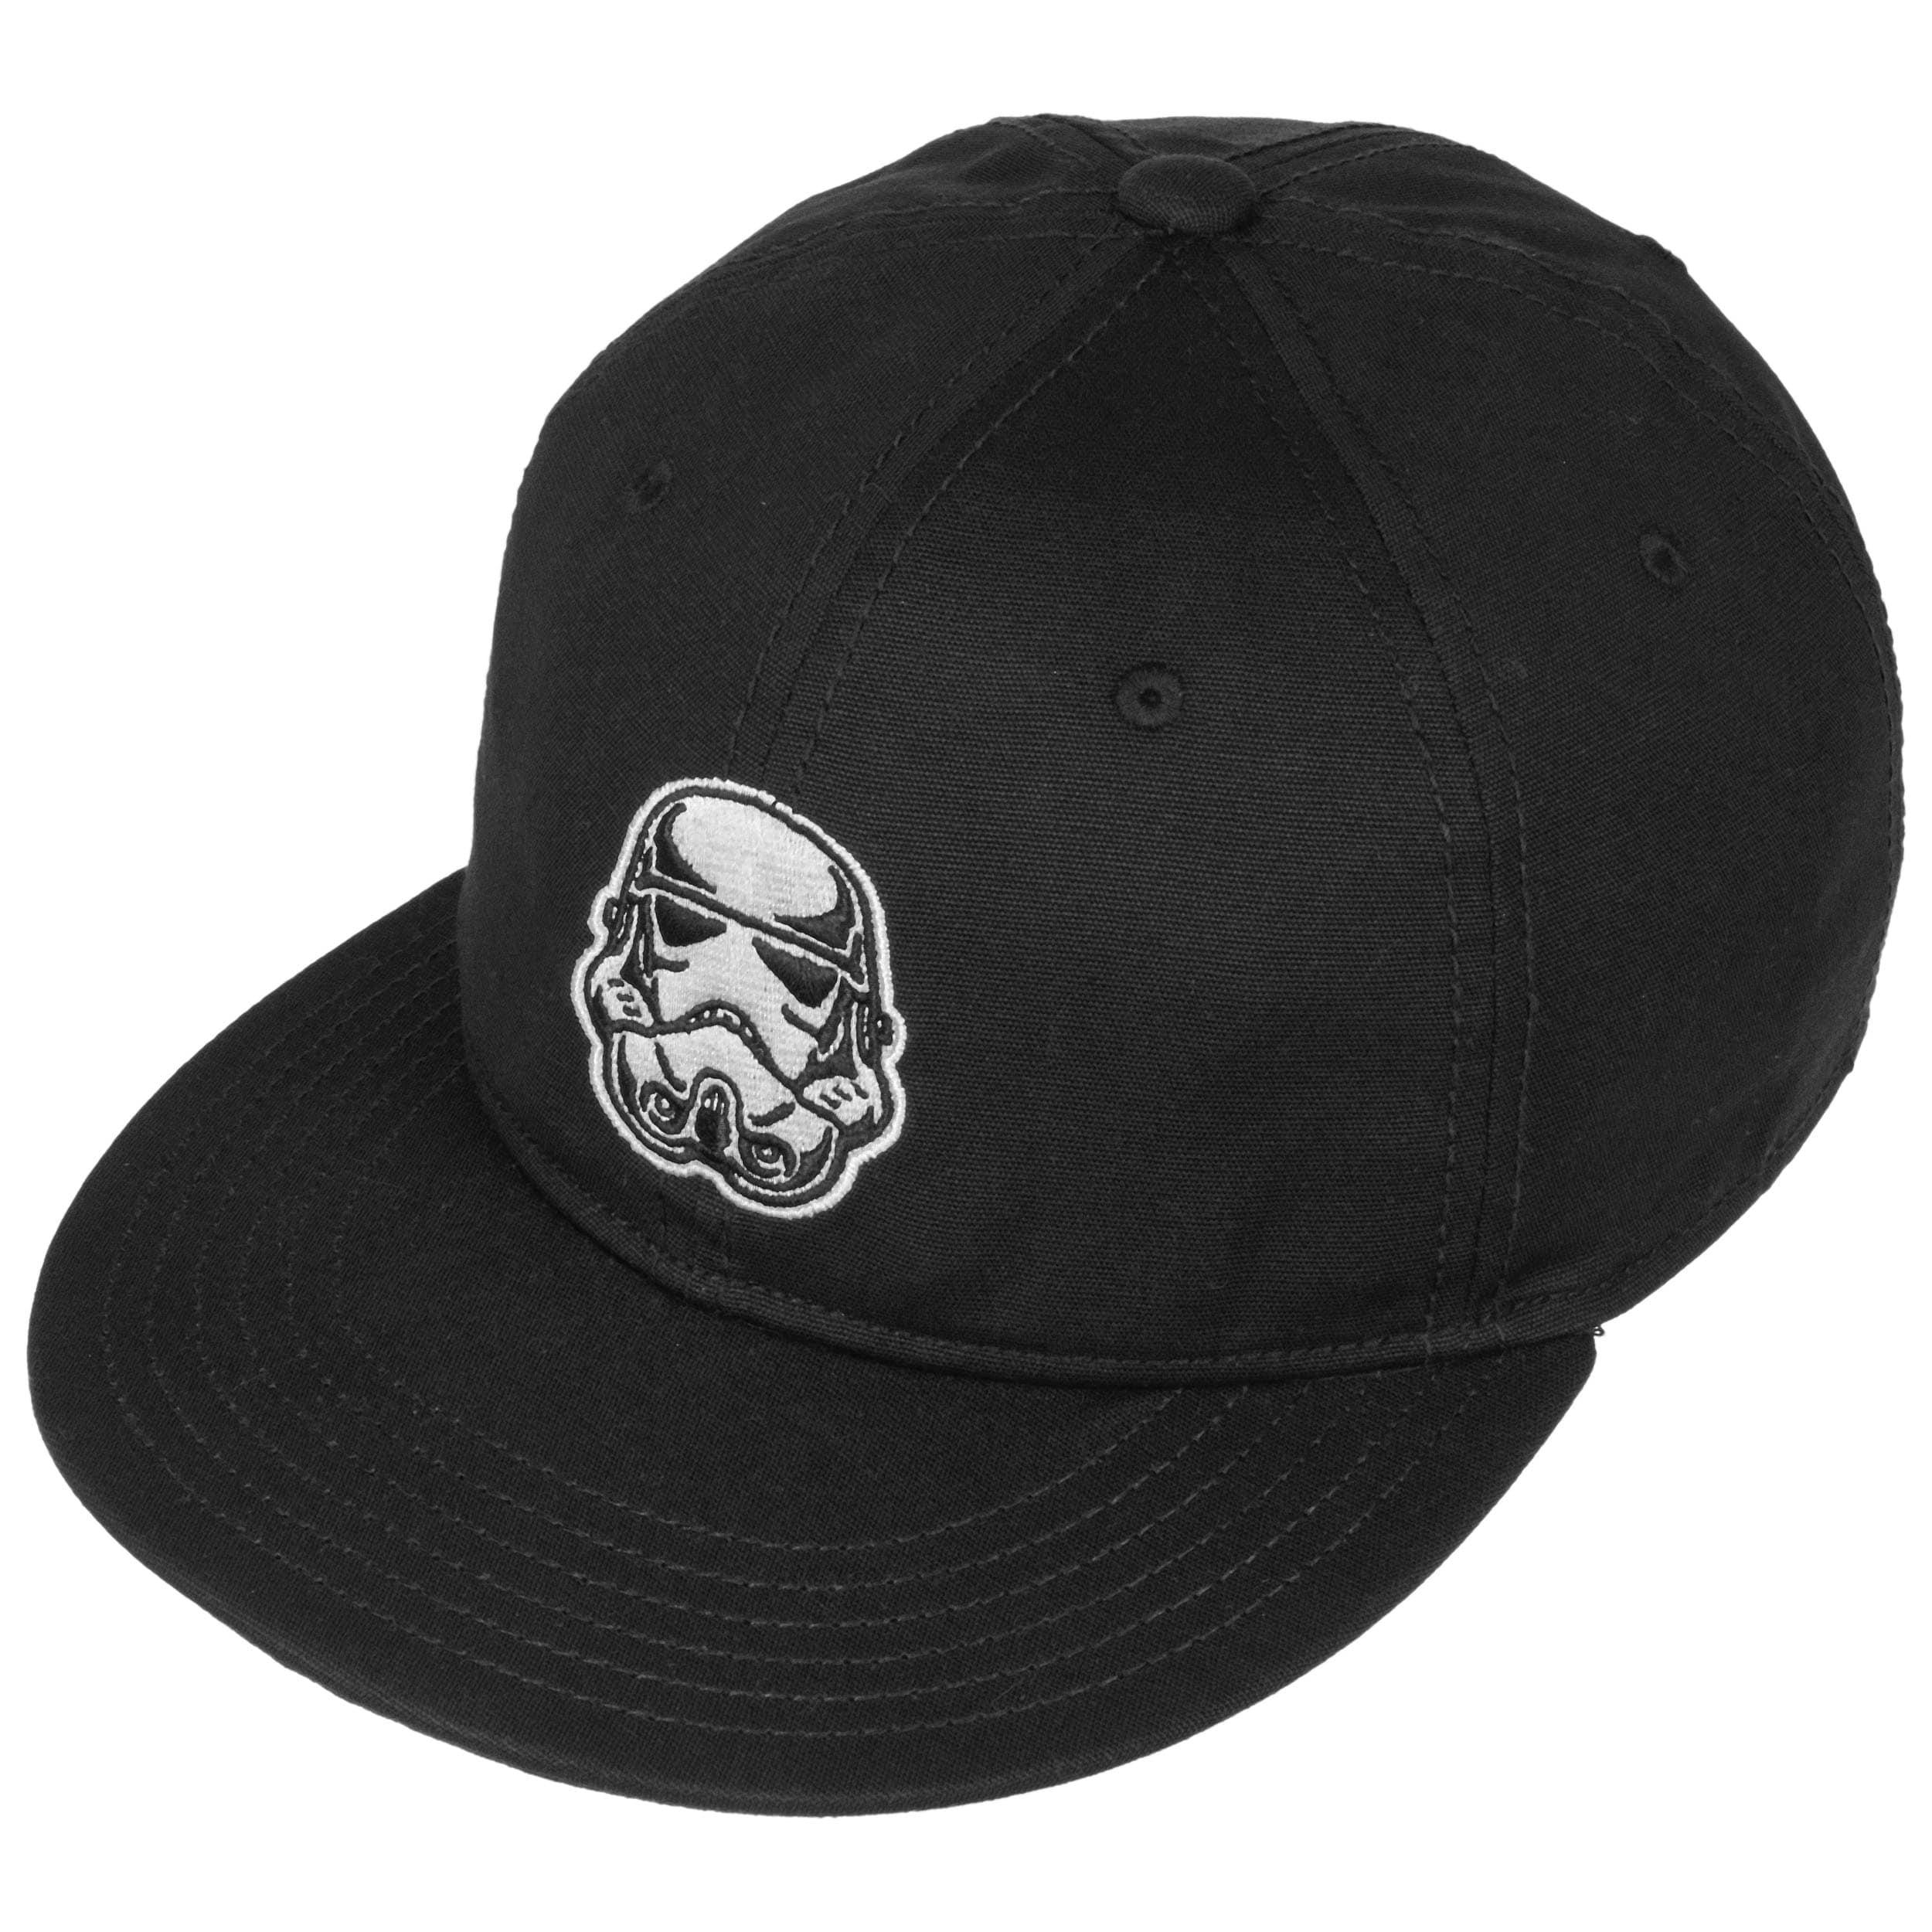 30146af2cde Trooper head snapback cap dedicated schwarz jpg 2500x2500 Snap back head